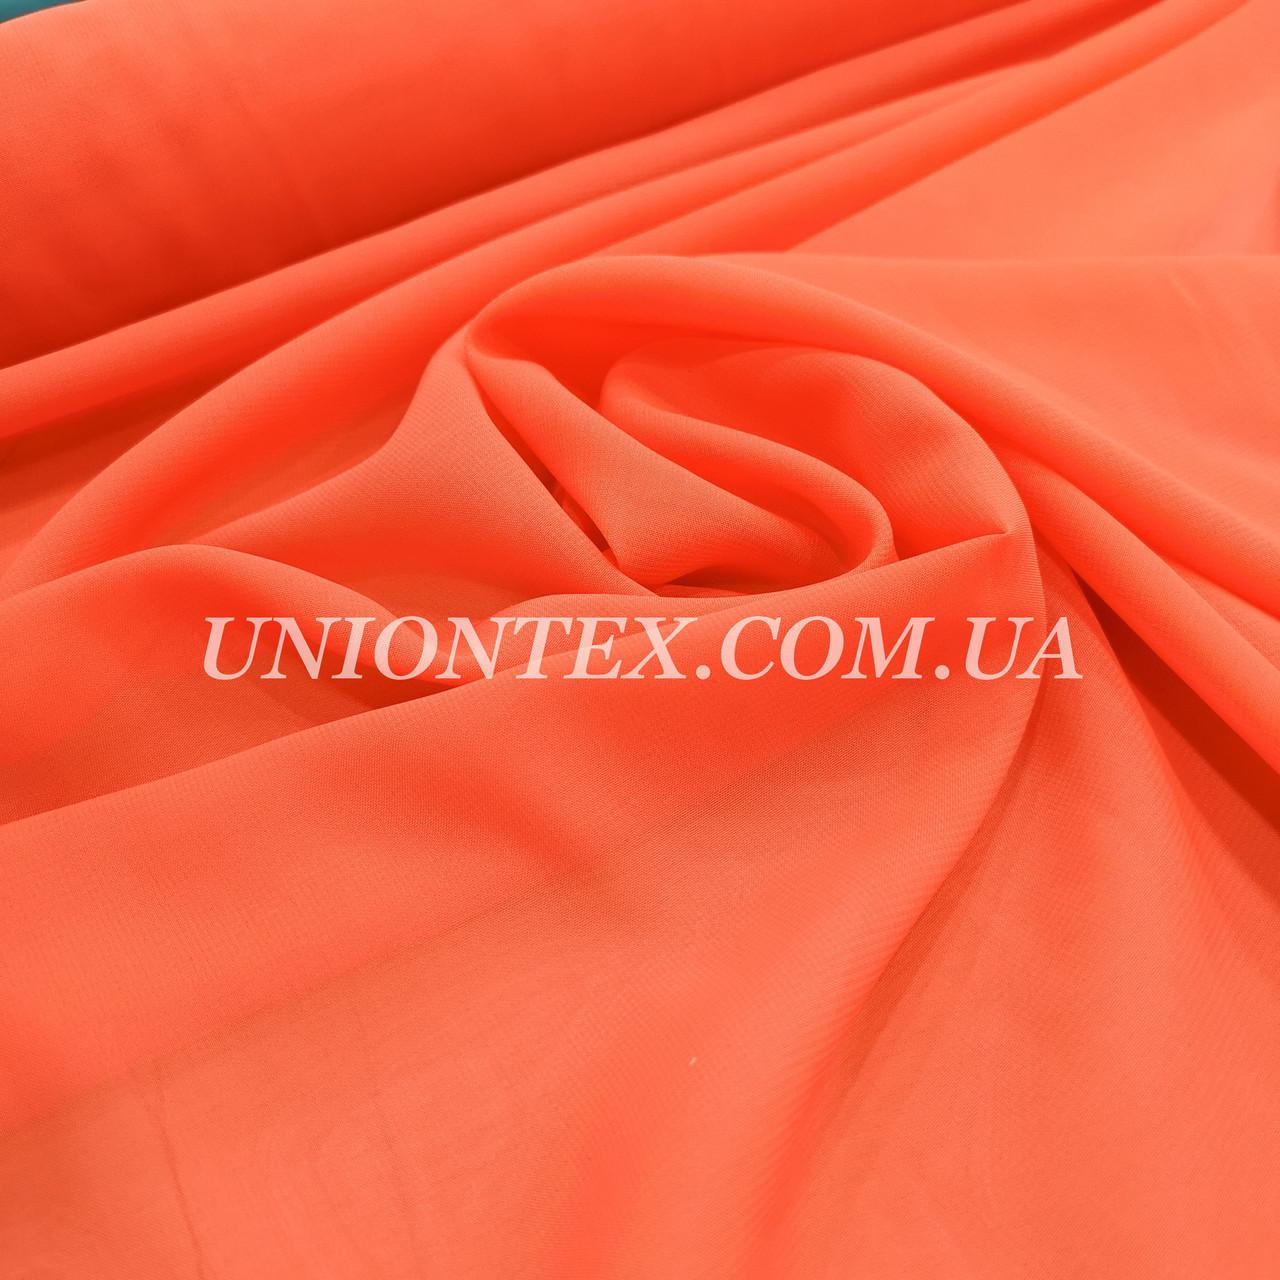 Ткань шифон оранжевый неон